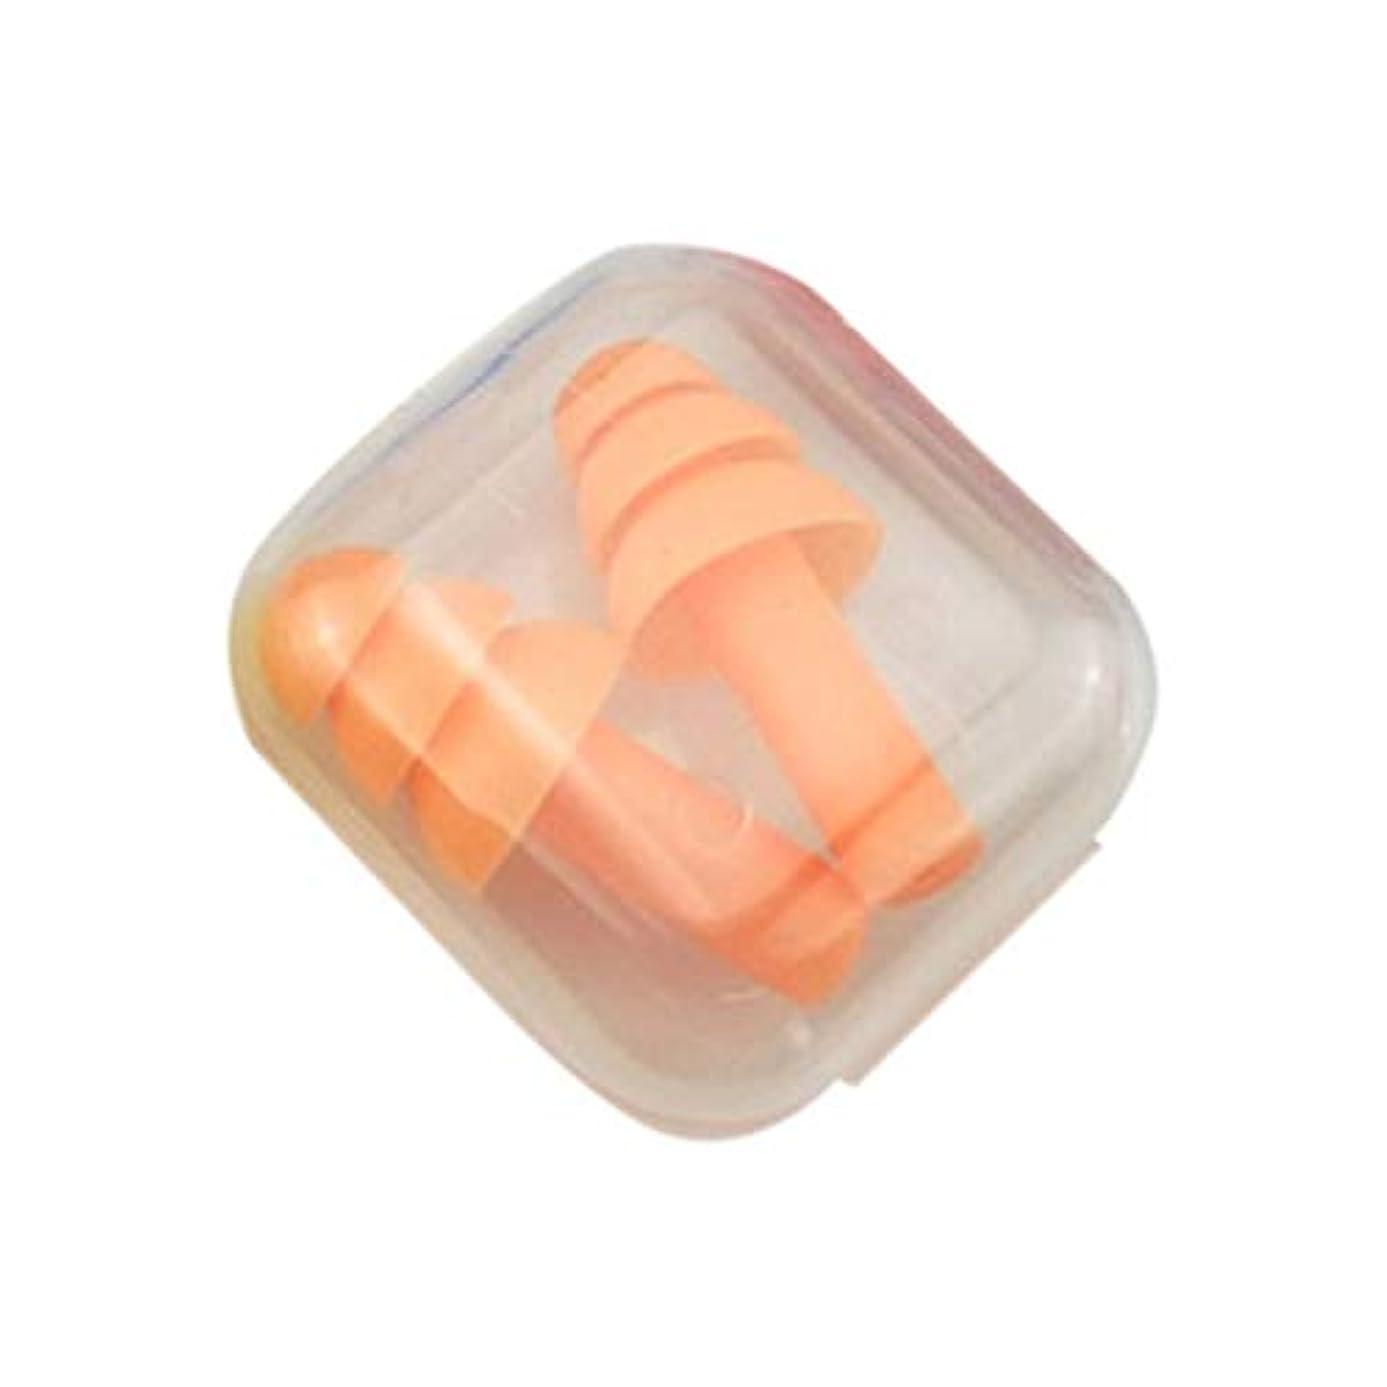 前奏曲依存誠実さ柔らかいシリコーンの耳栓遮音用耳の保護用の耳栓防音睡眠ボックス付き収納ボックス - オレンジ